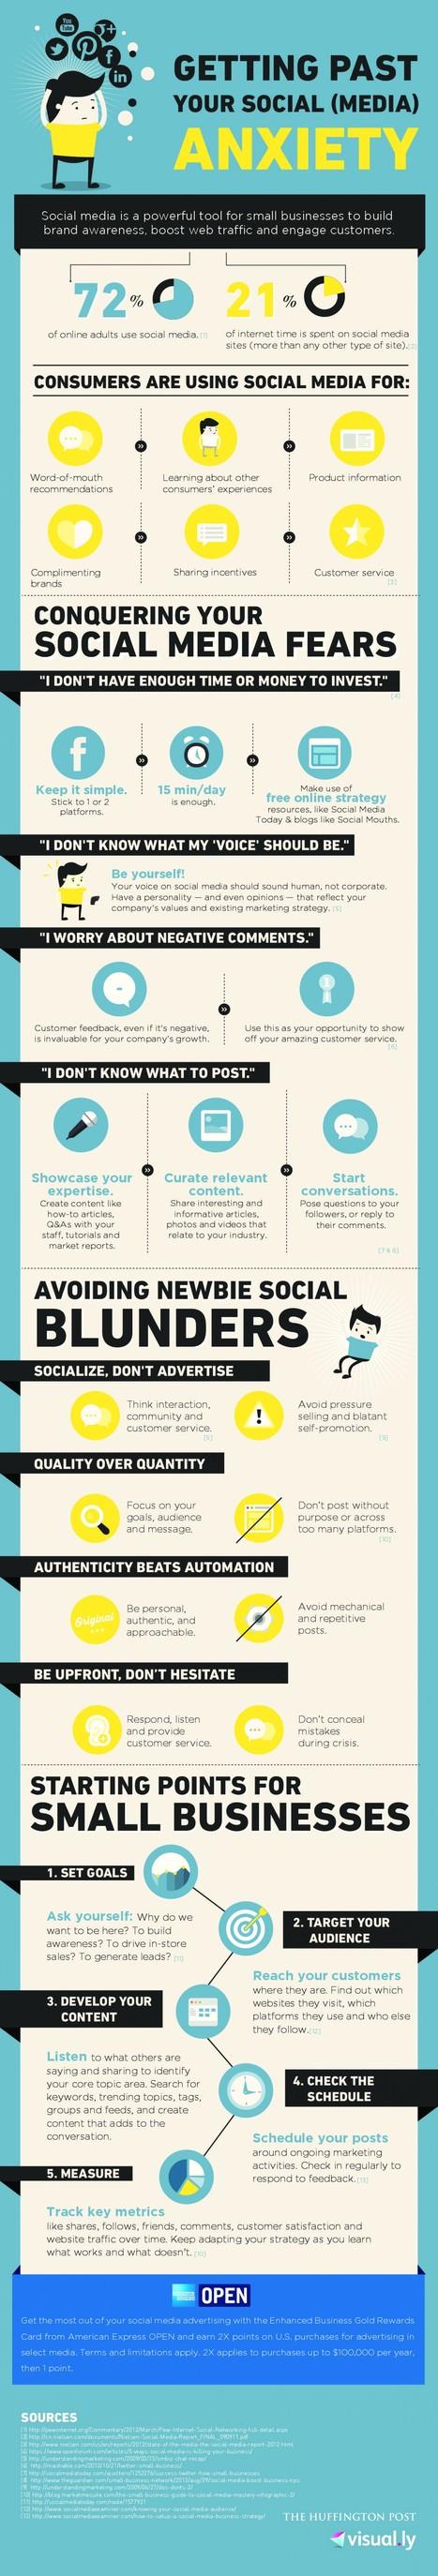 Social Media Anxiety...Get Over It | Super Social Media | Scoop.it